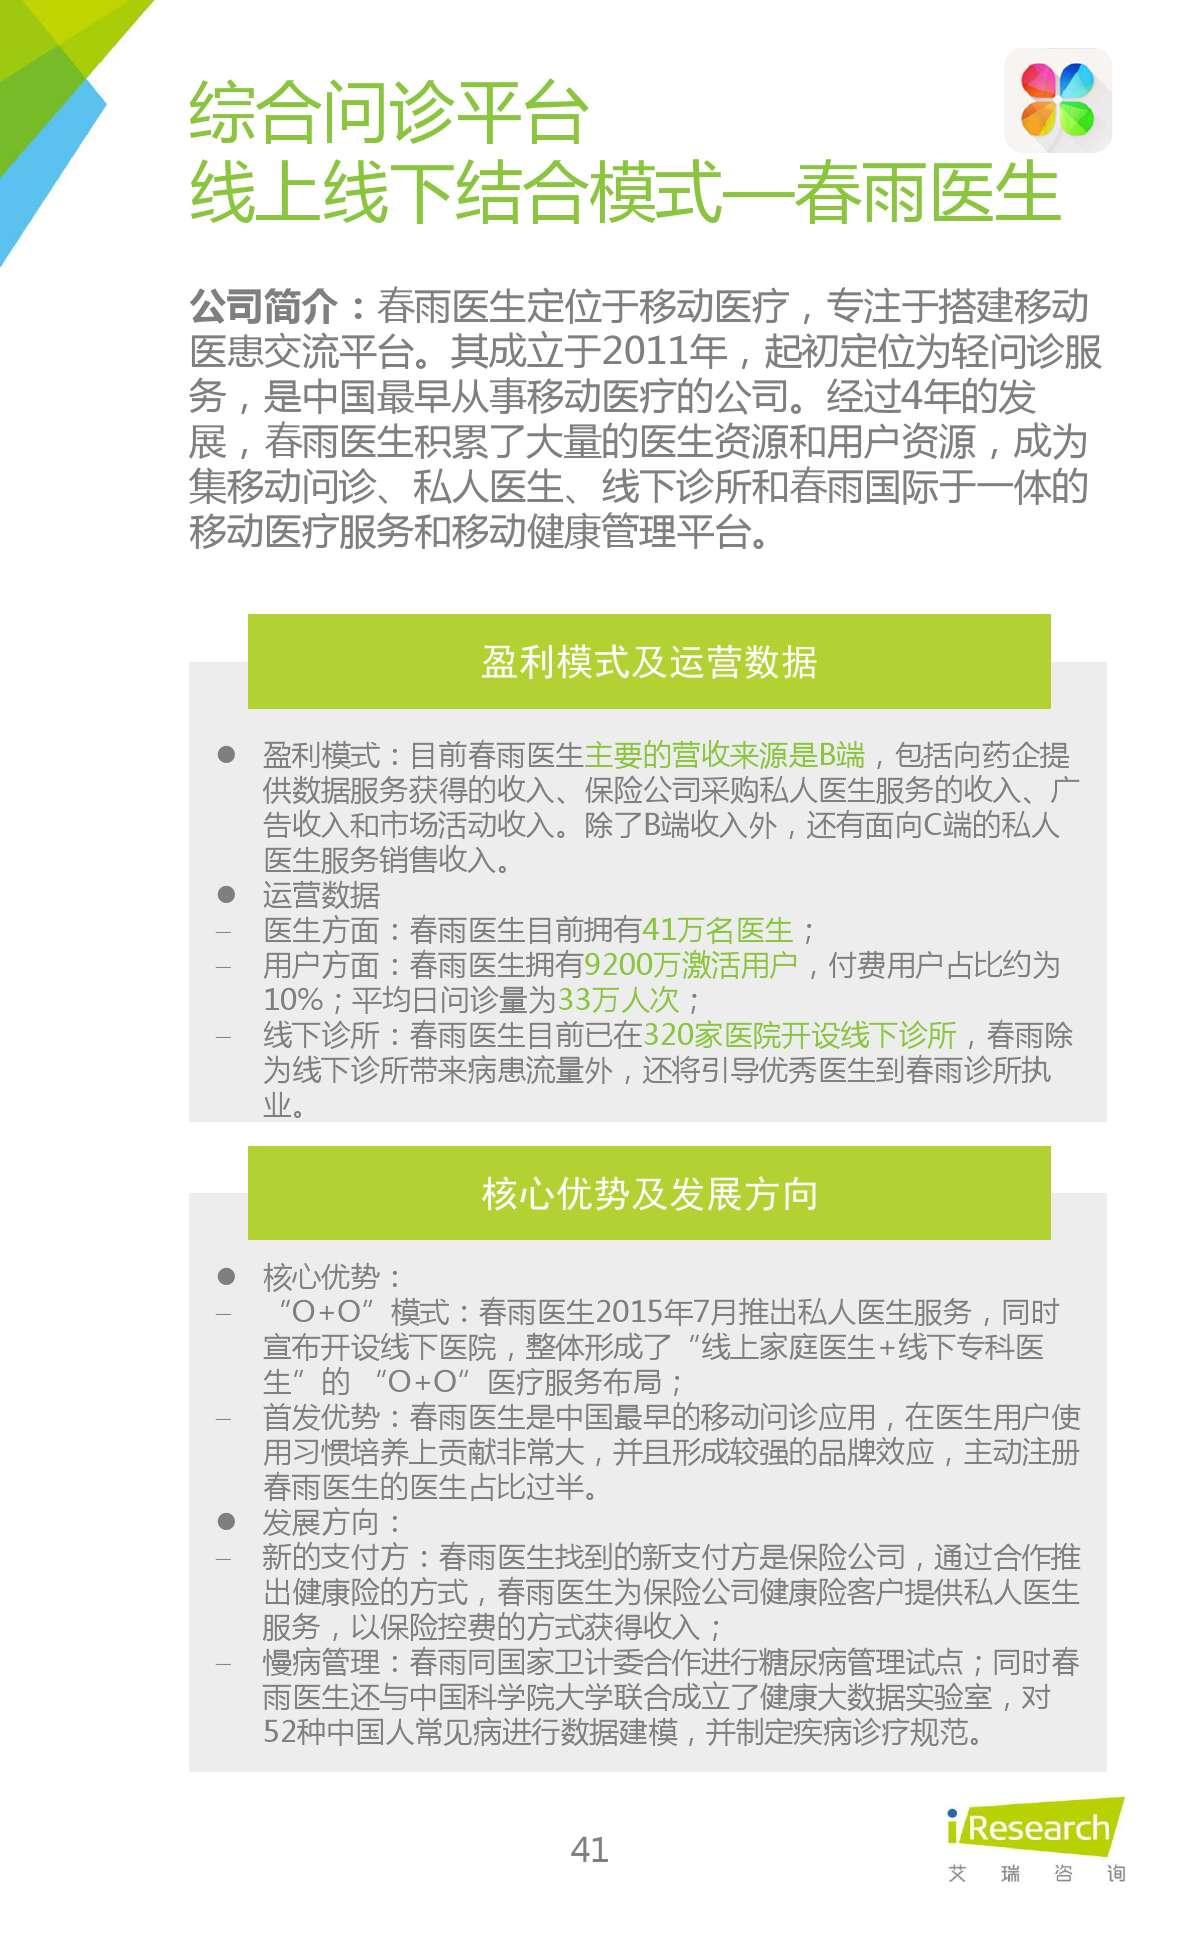 2015年中国在线问诊行业研究报告_000041